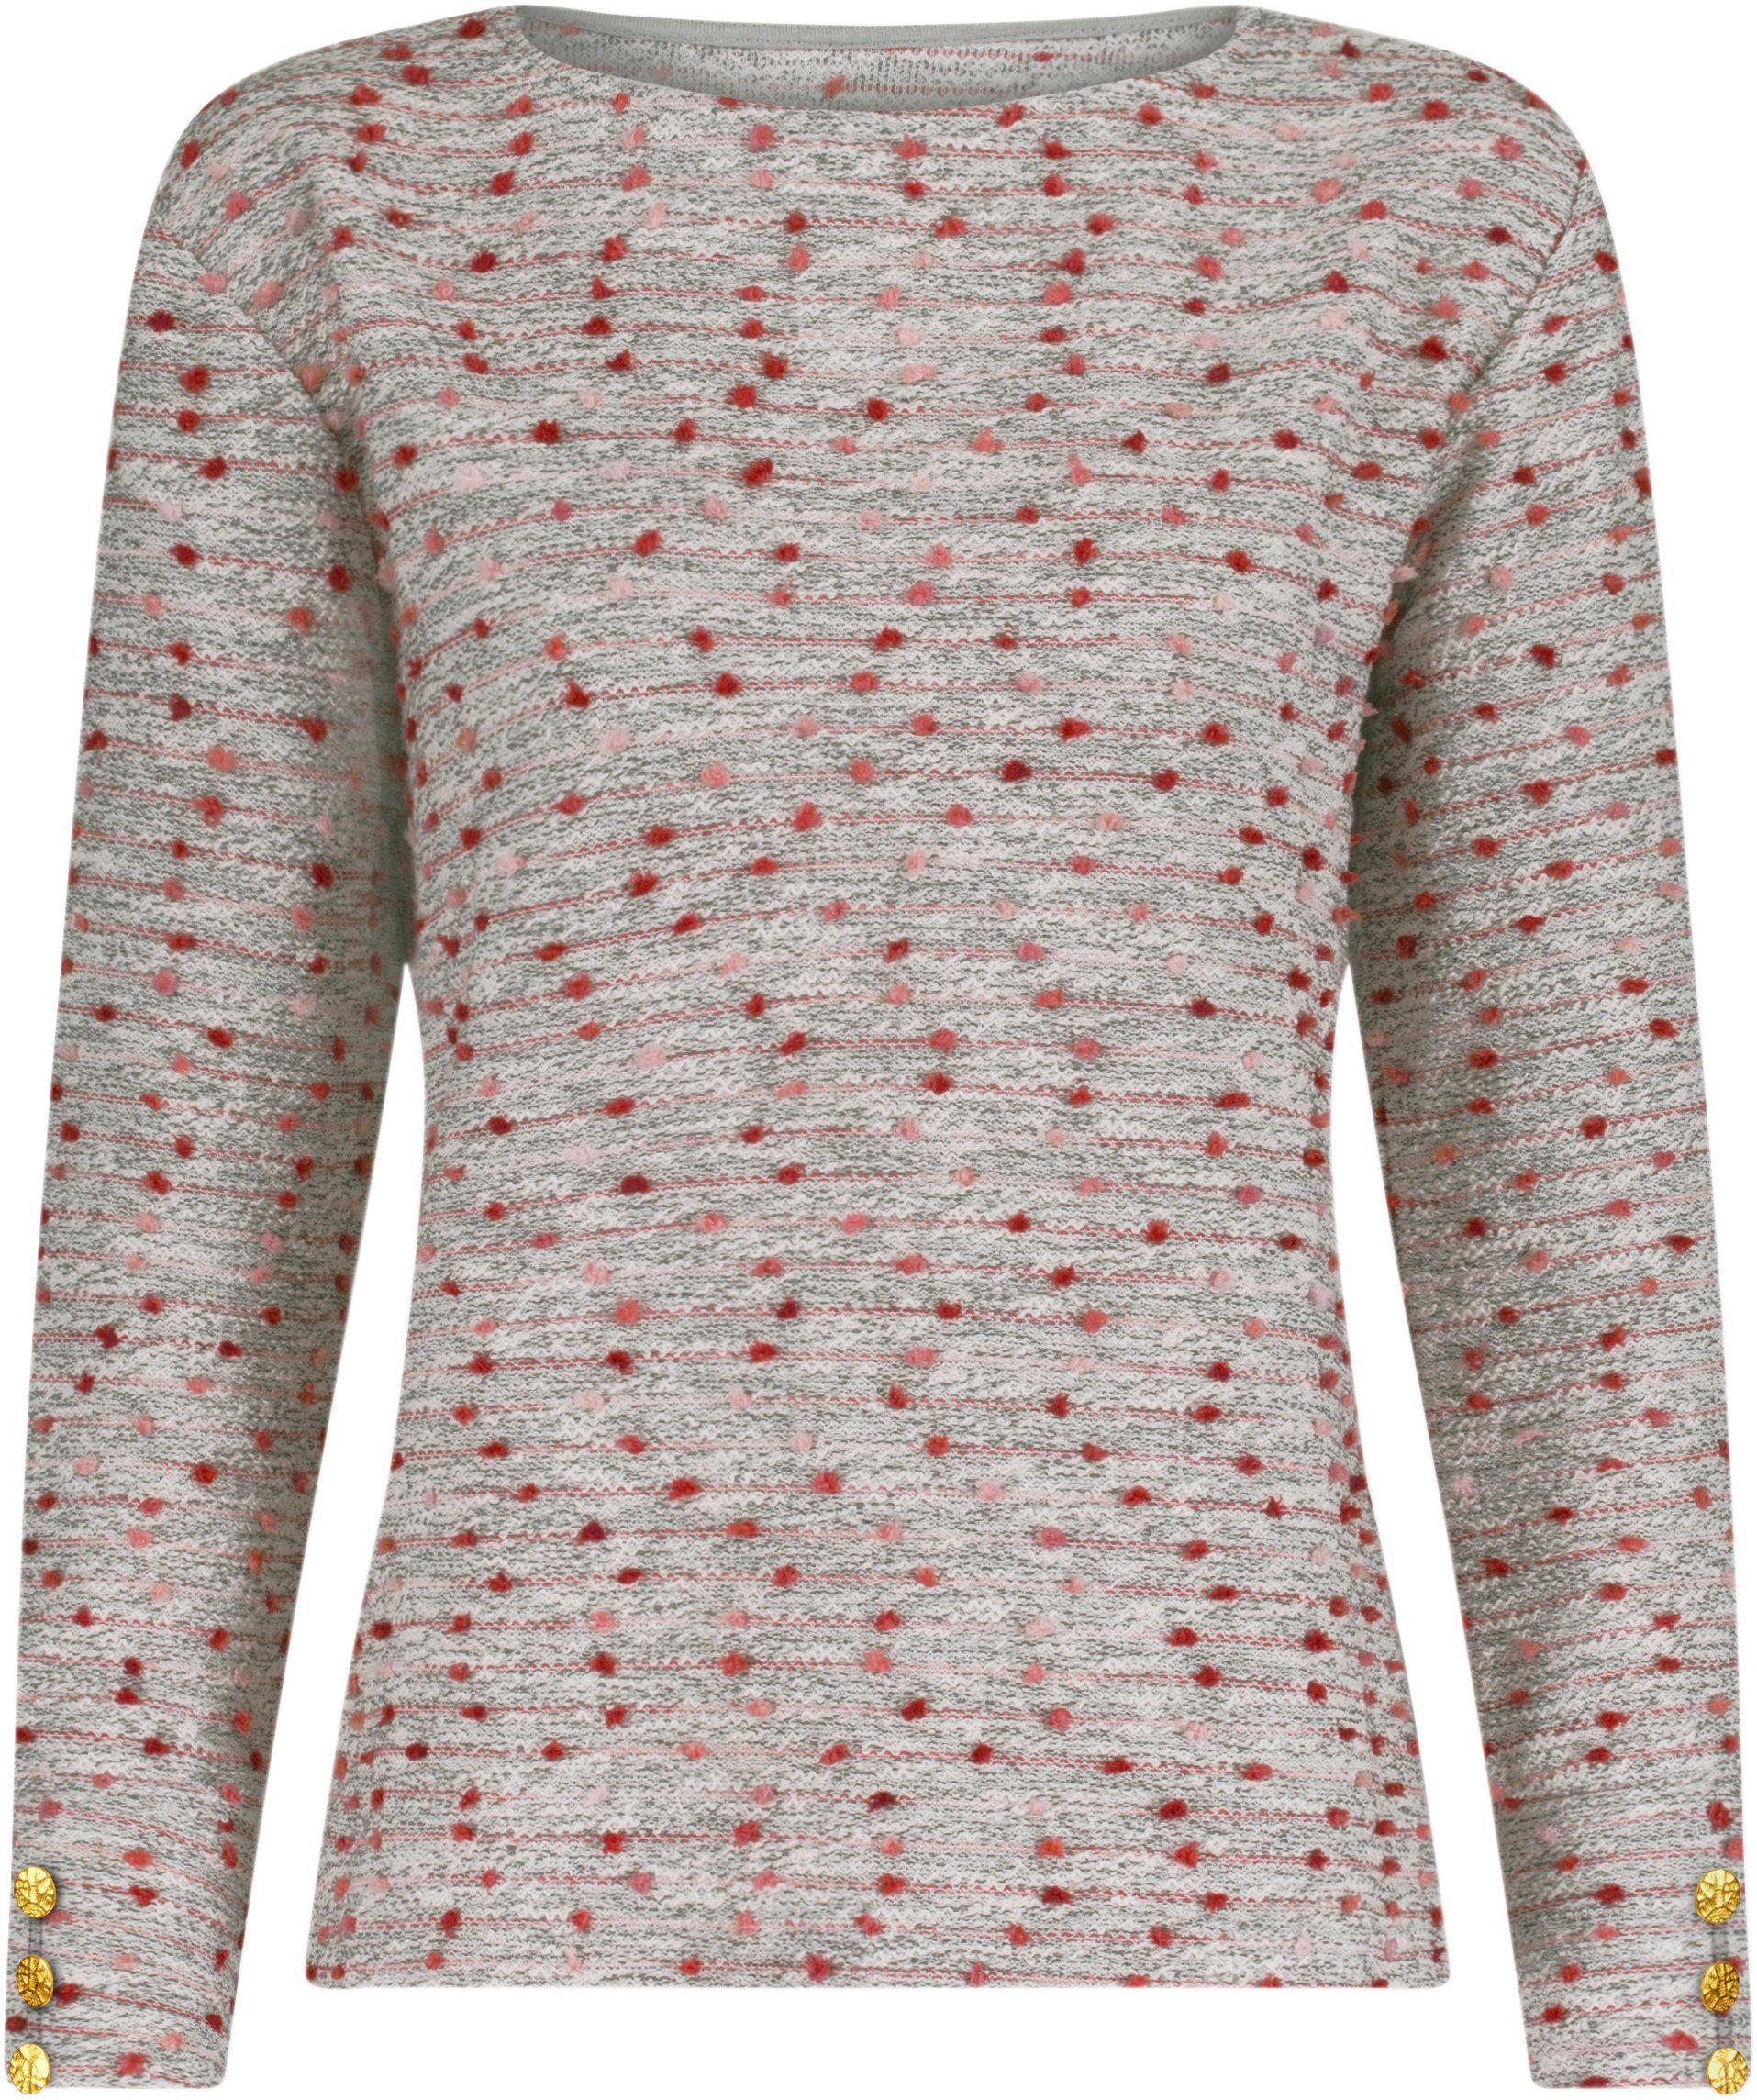 Ambria Shirt In Zachte Bouclékwaliteit Online Bestellen - Geweldige Prijs